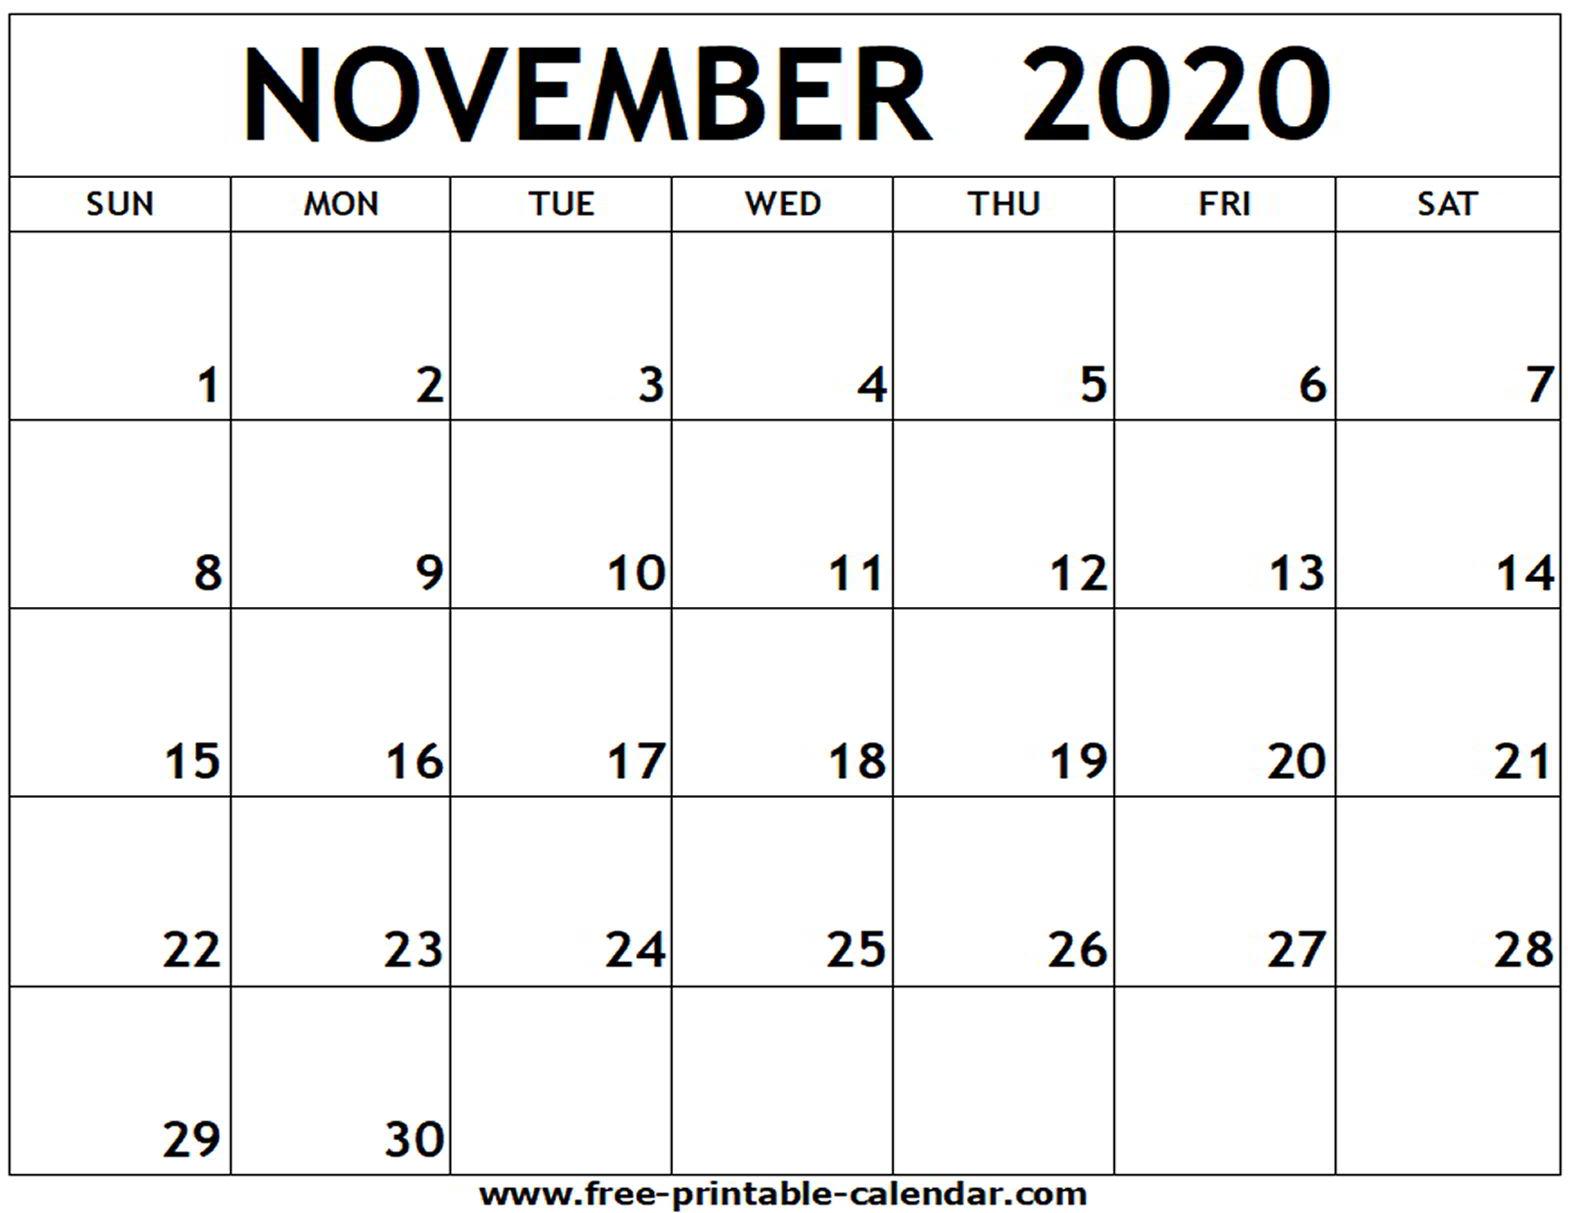 Calendar November 2020 November 2020 Printable  Bolan pertaining to Michel Zbinden December 2020